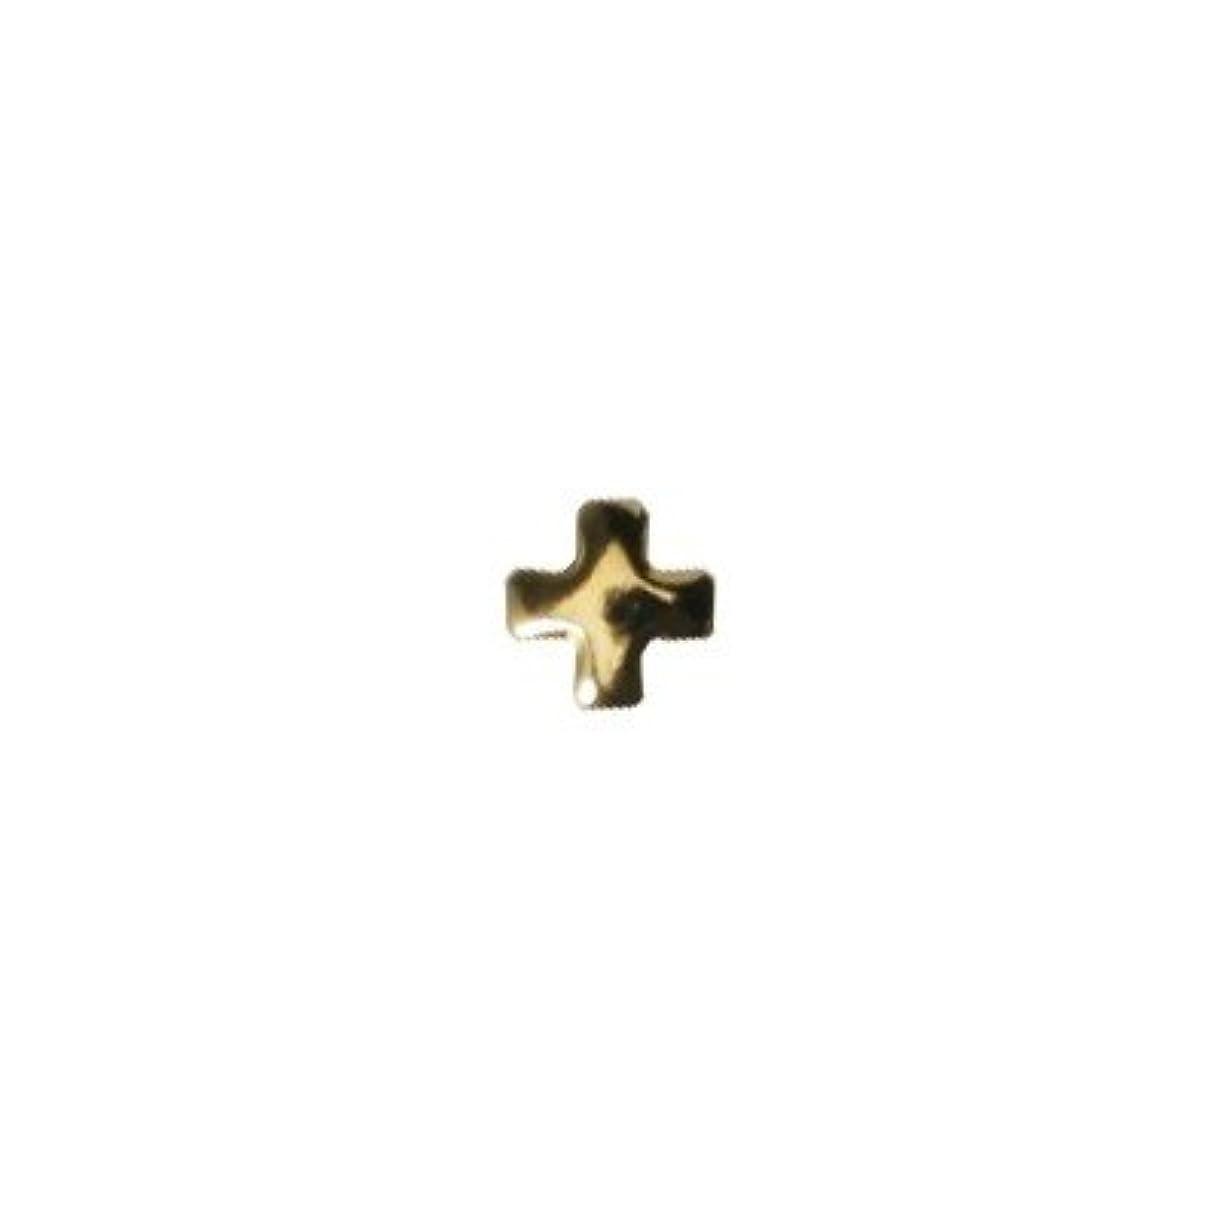 火薬足危険ピアドラ スタッズ クロスレット 2mm 50P ゴールド